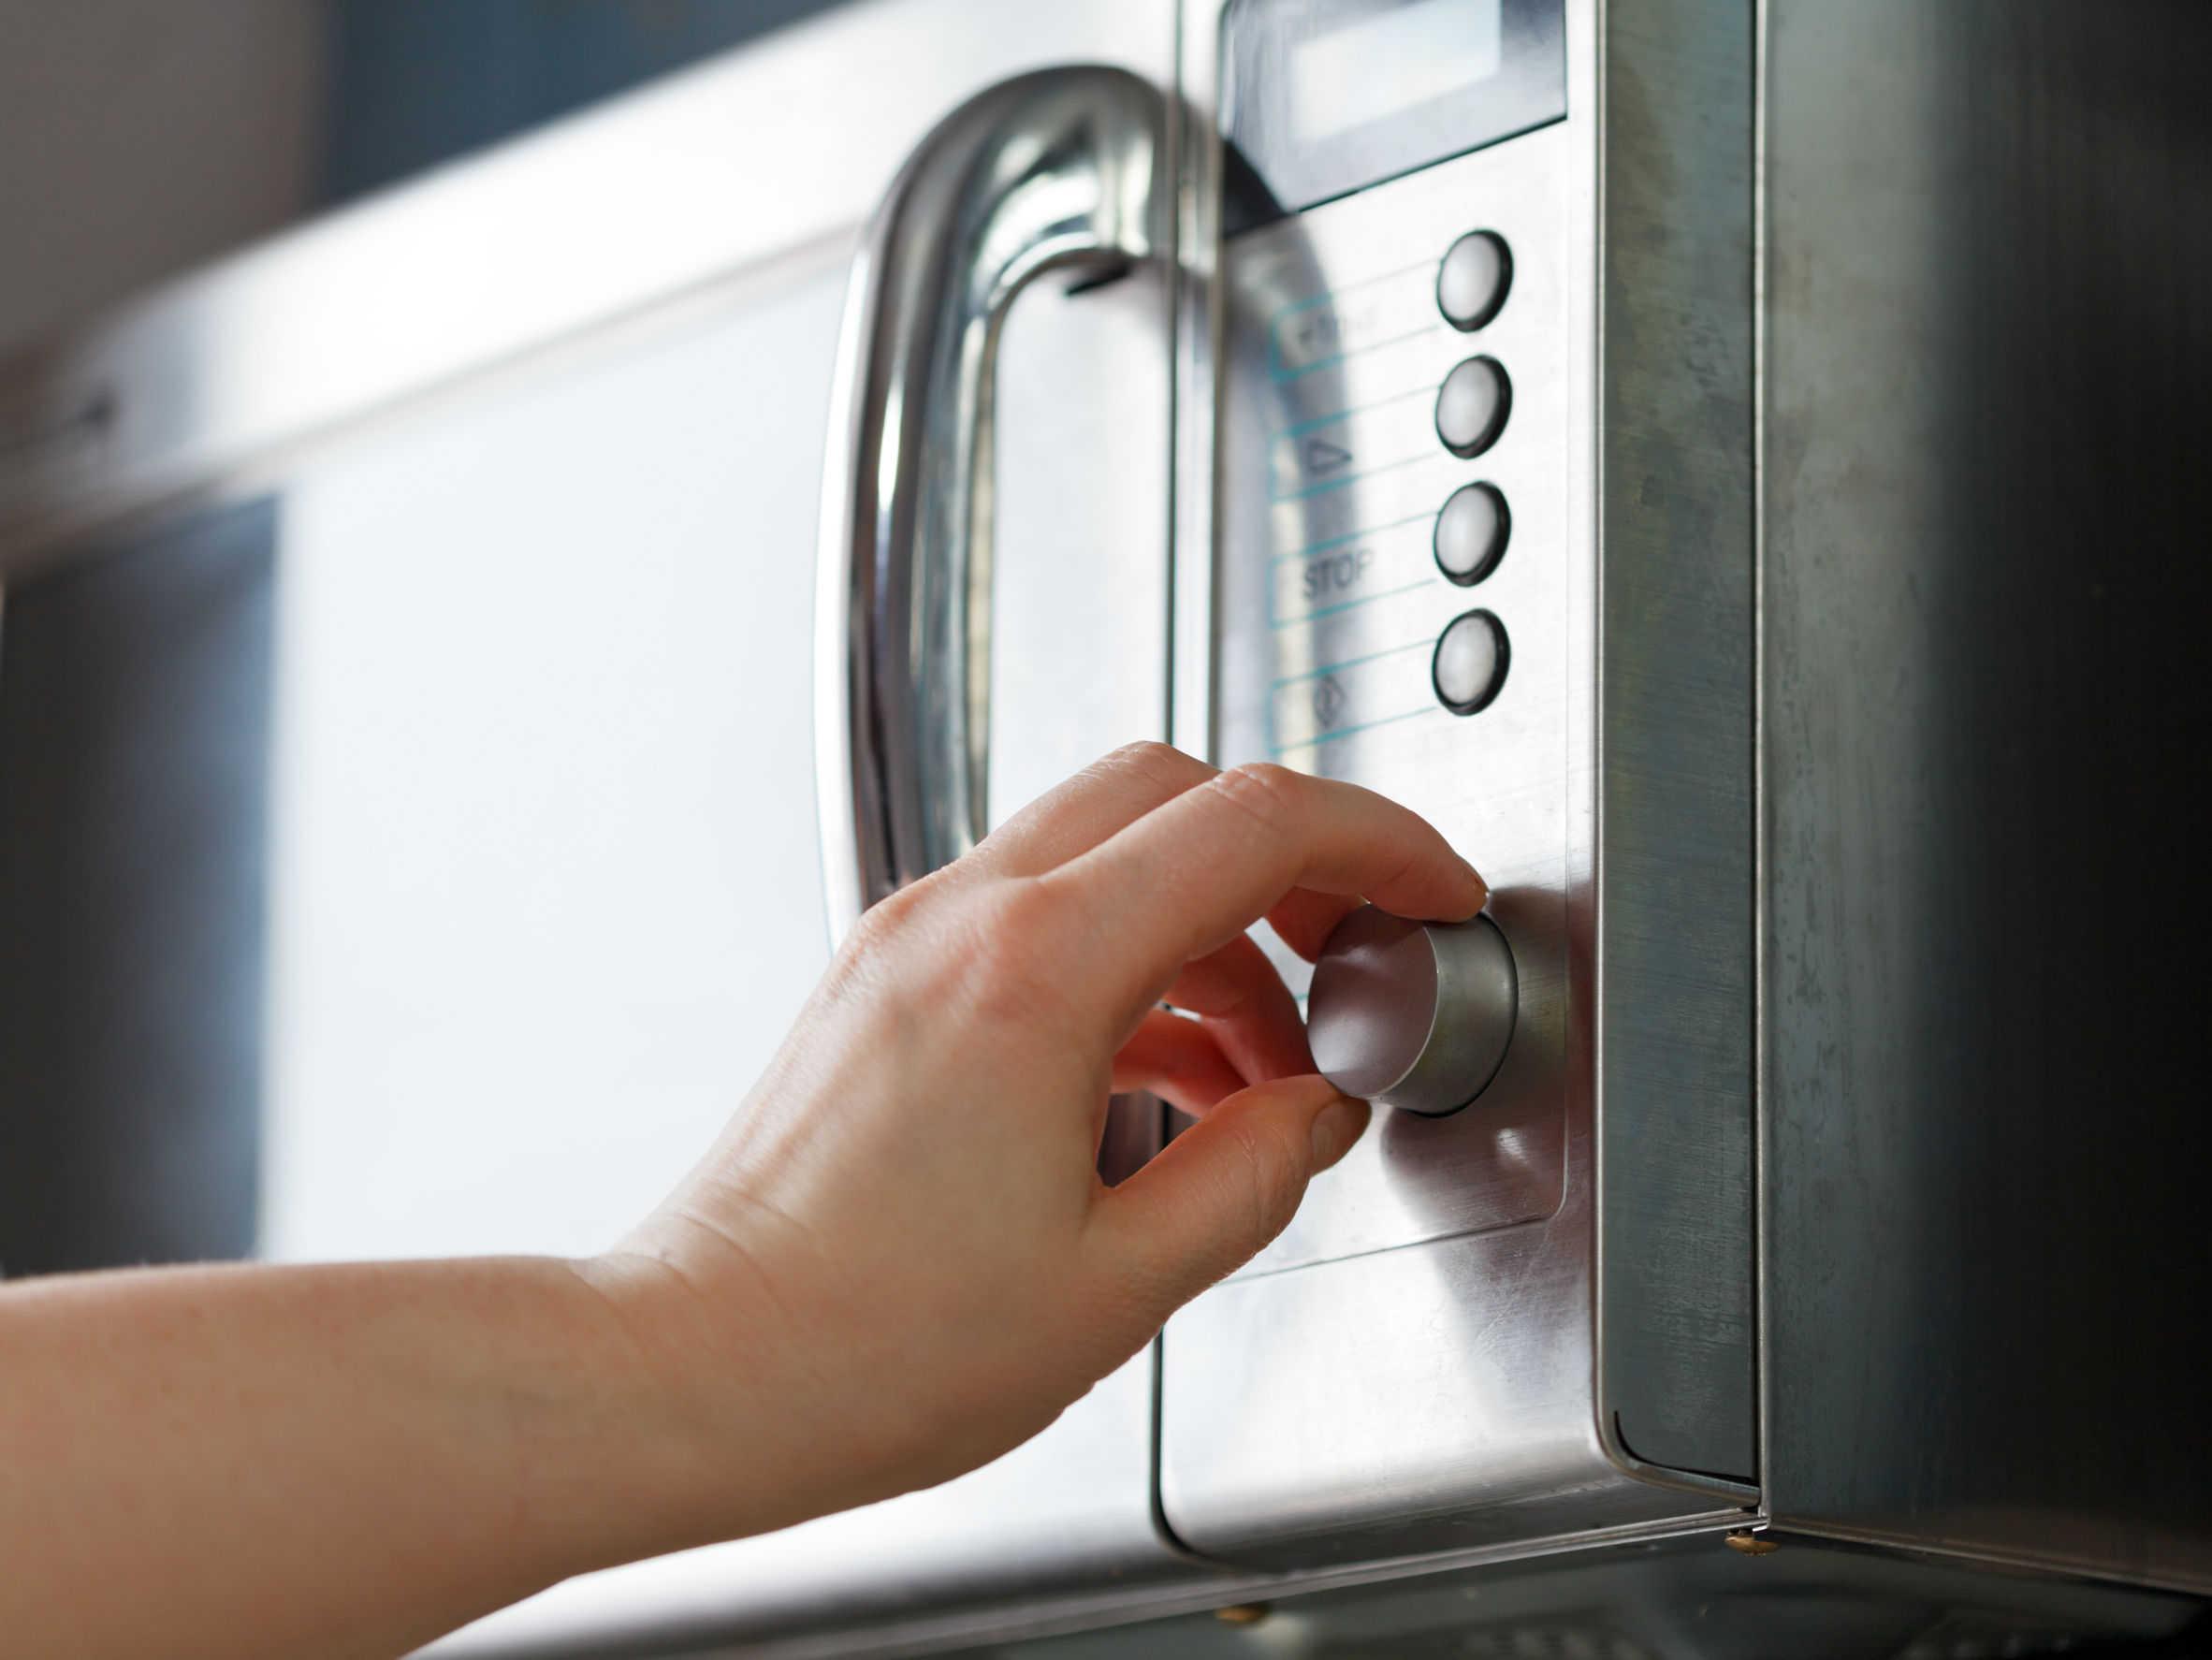 Mikrowelle mit Heißluft: Test & Empfehlungen (04/21)